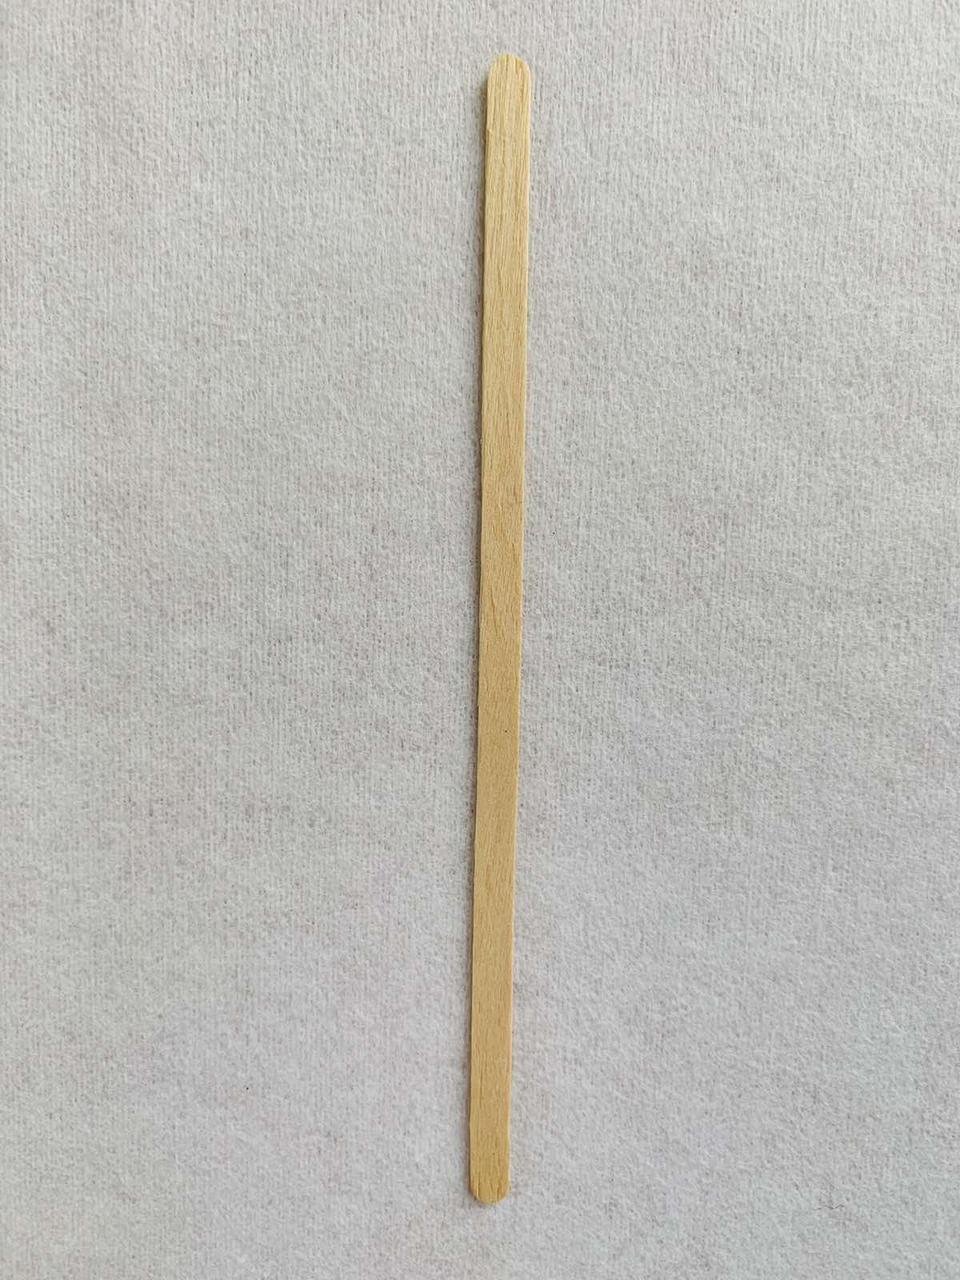 Размешиватель дерев'яний одноразовий Д 0,5*14 см (мішалка)